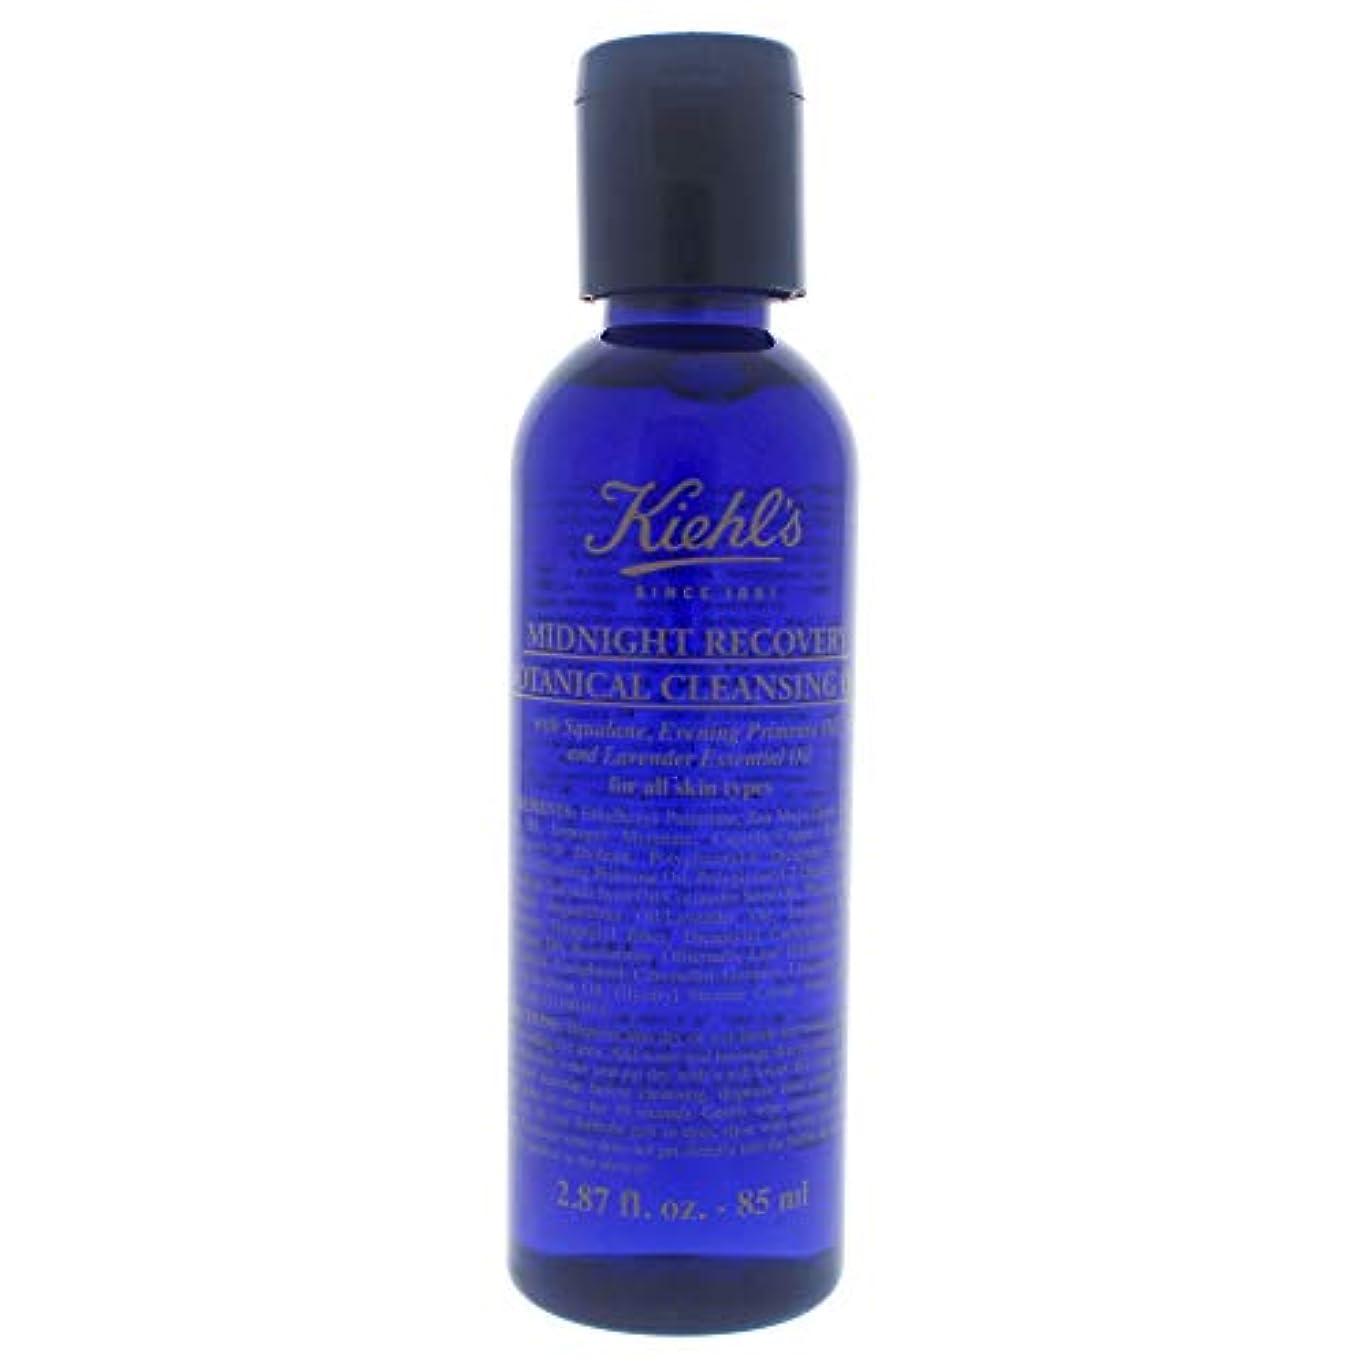 マオリ戻る頑張るKiehl's Midnight Recovery Botanical Cleansing Oil 2.87oz (85ml)